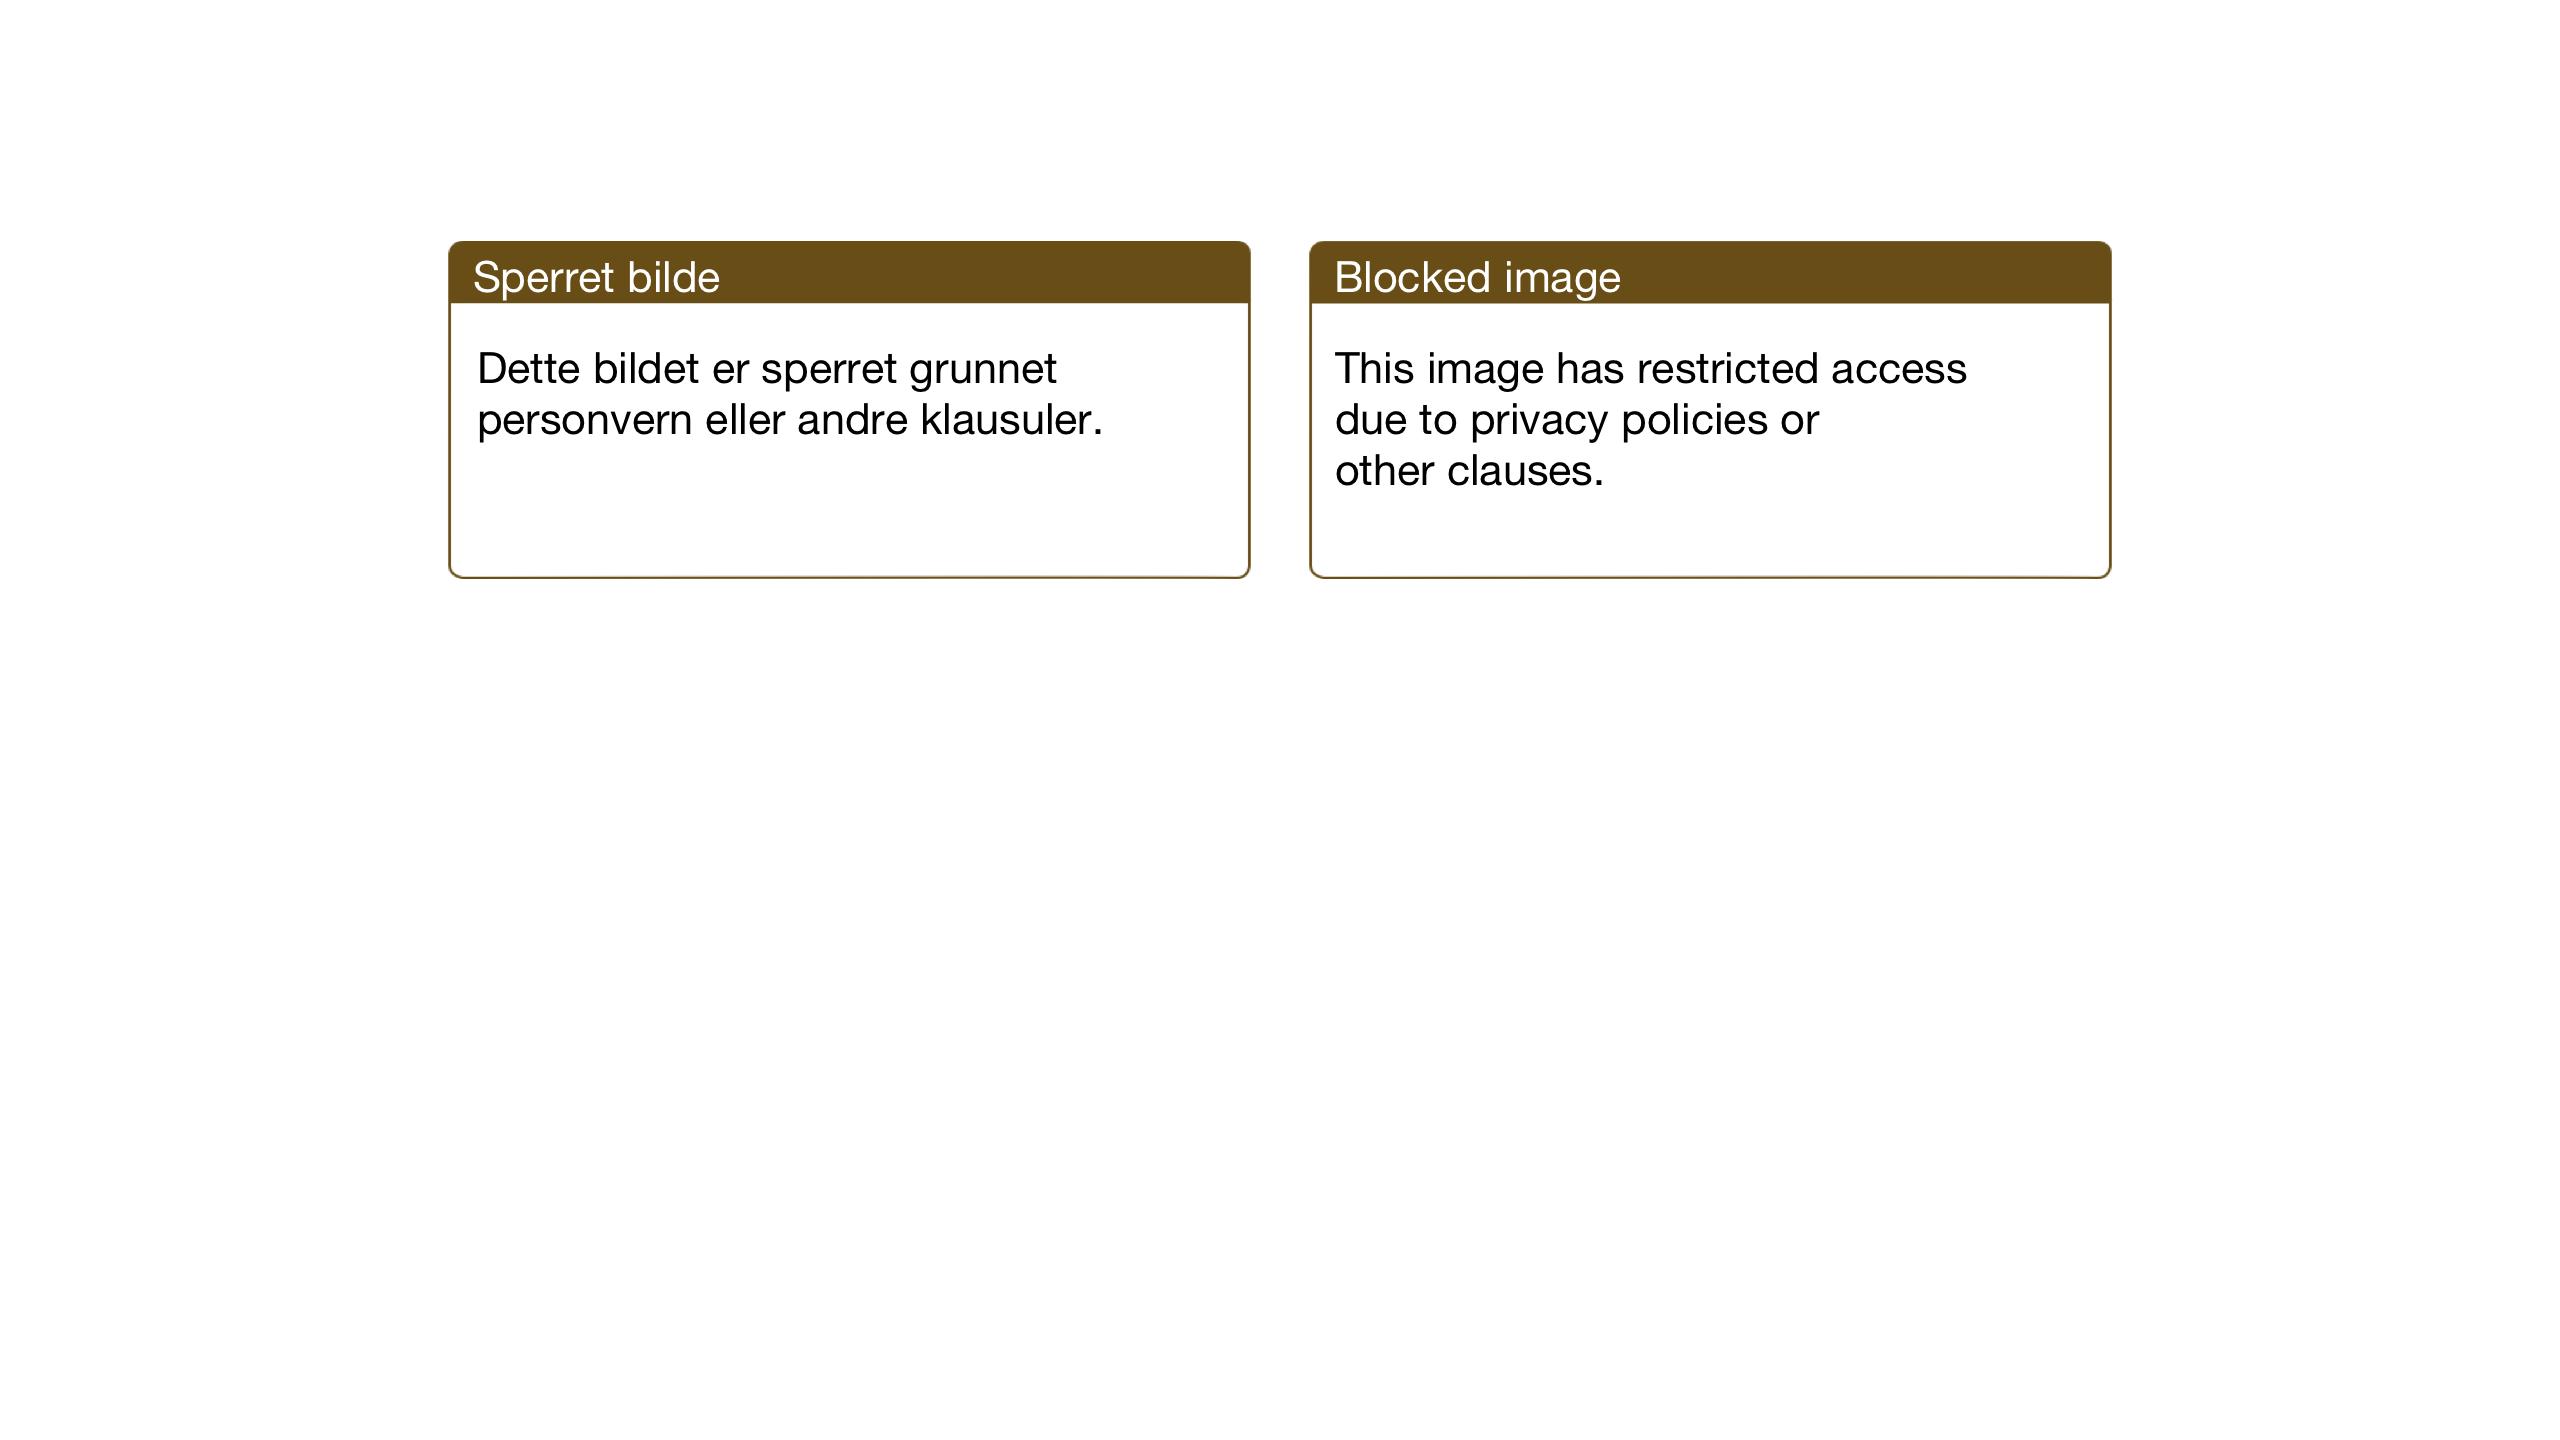 SAT, Ministerialprotokoller, klokkerbøker og fødselsregistre - Sør-Trøndelag, 606/L0314: Klokkerbok nr. 606C10, 1911-1937, s. 109